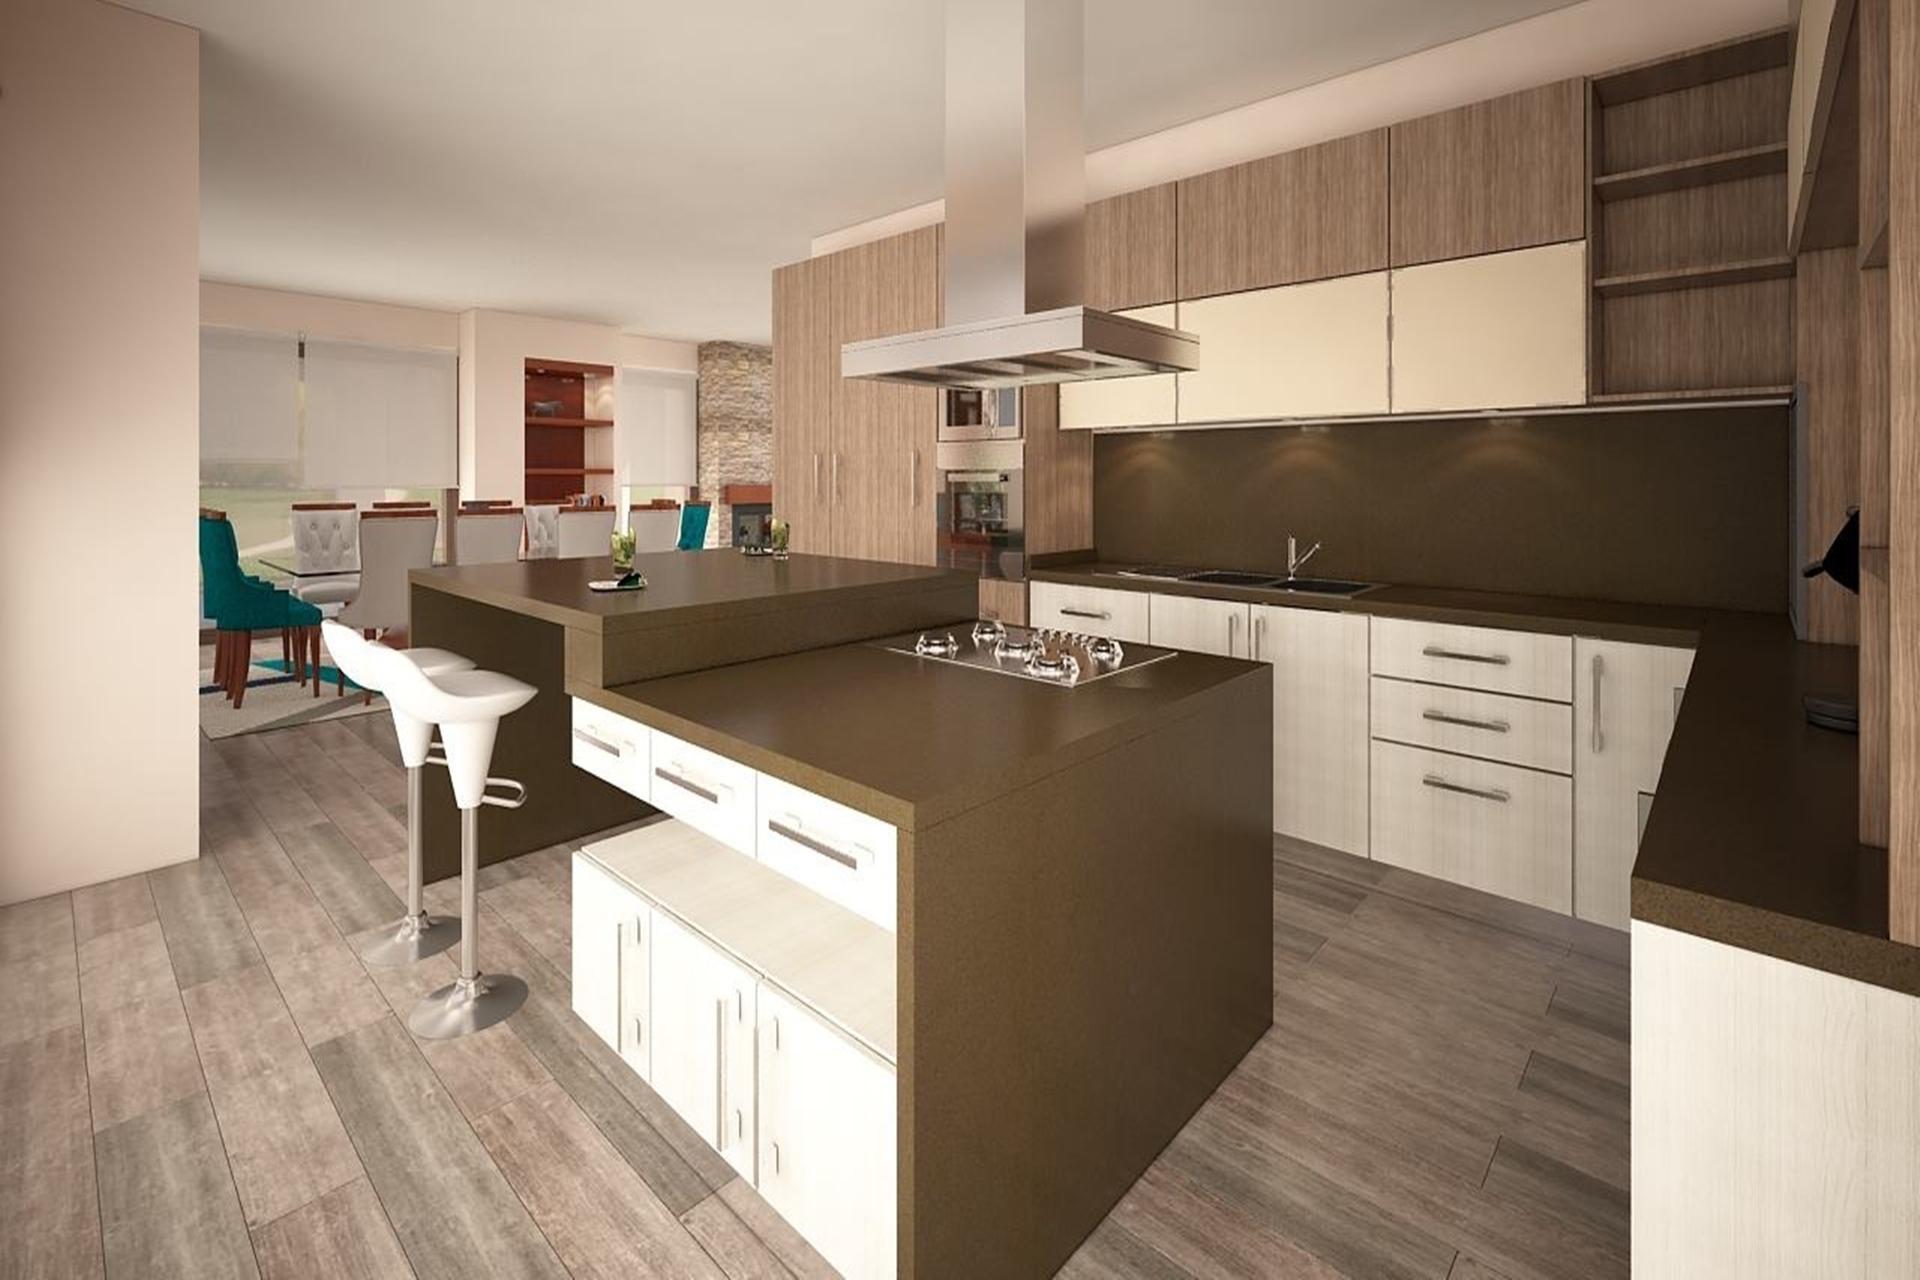 Cocina Moderna – en color Blanco y madera | BM Diseño